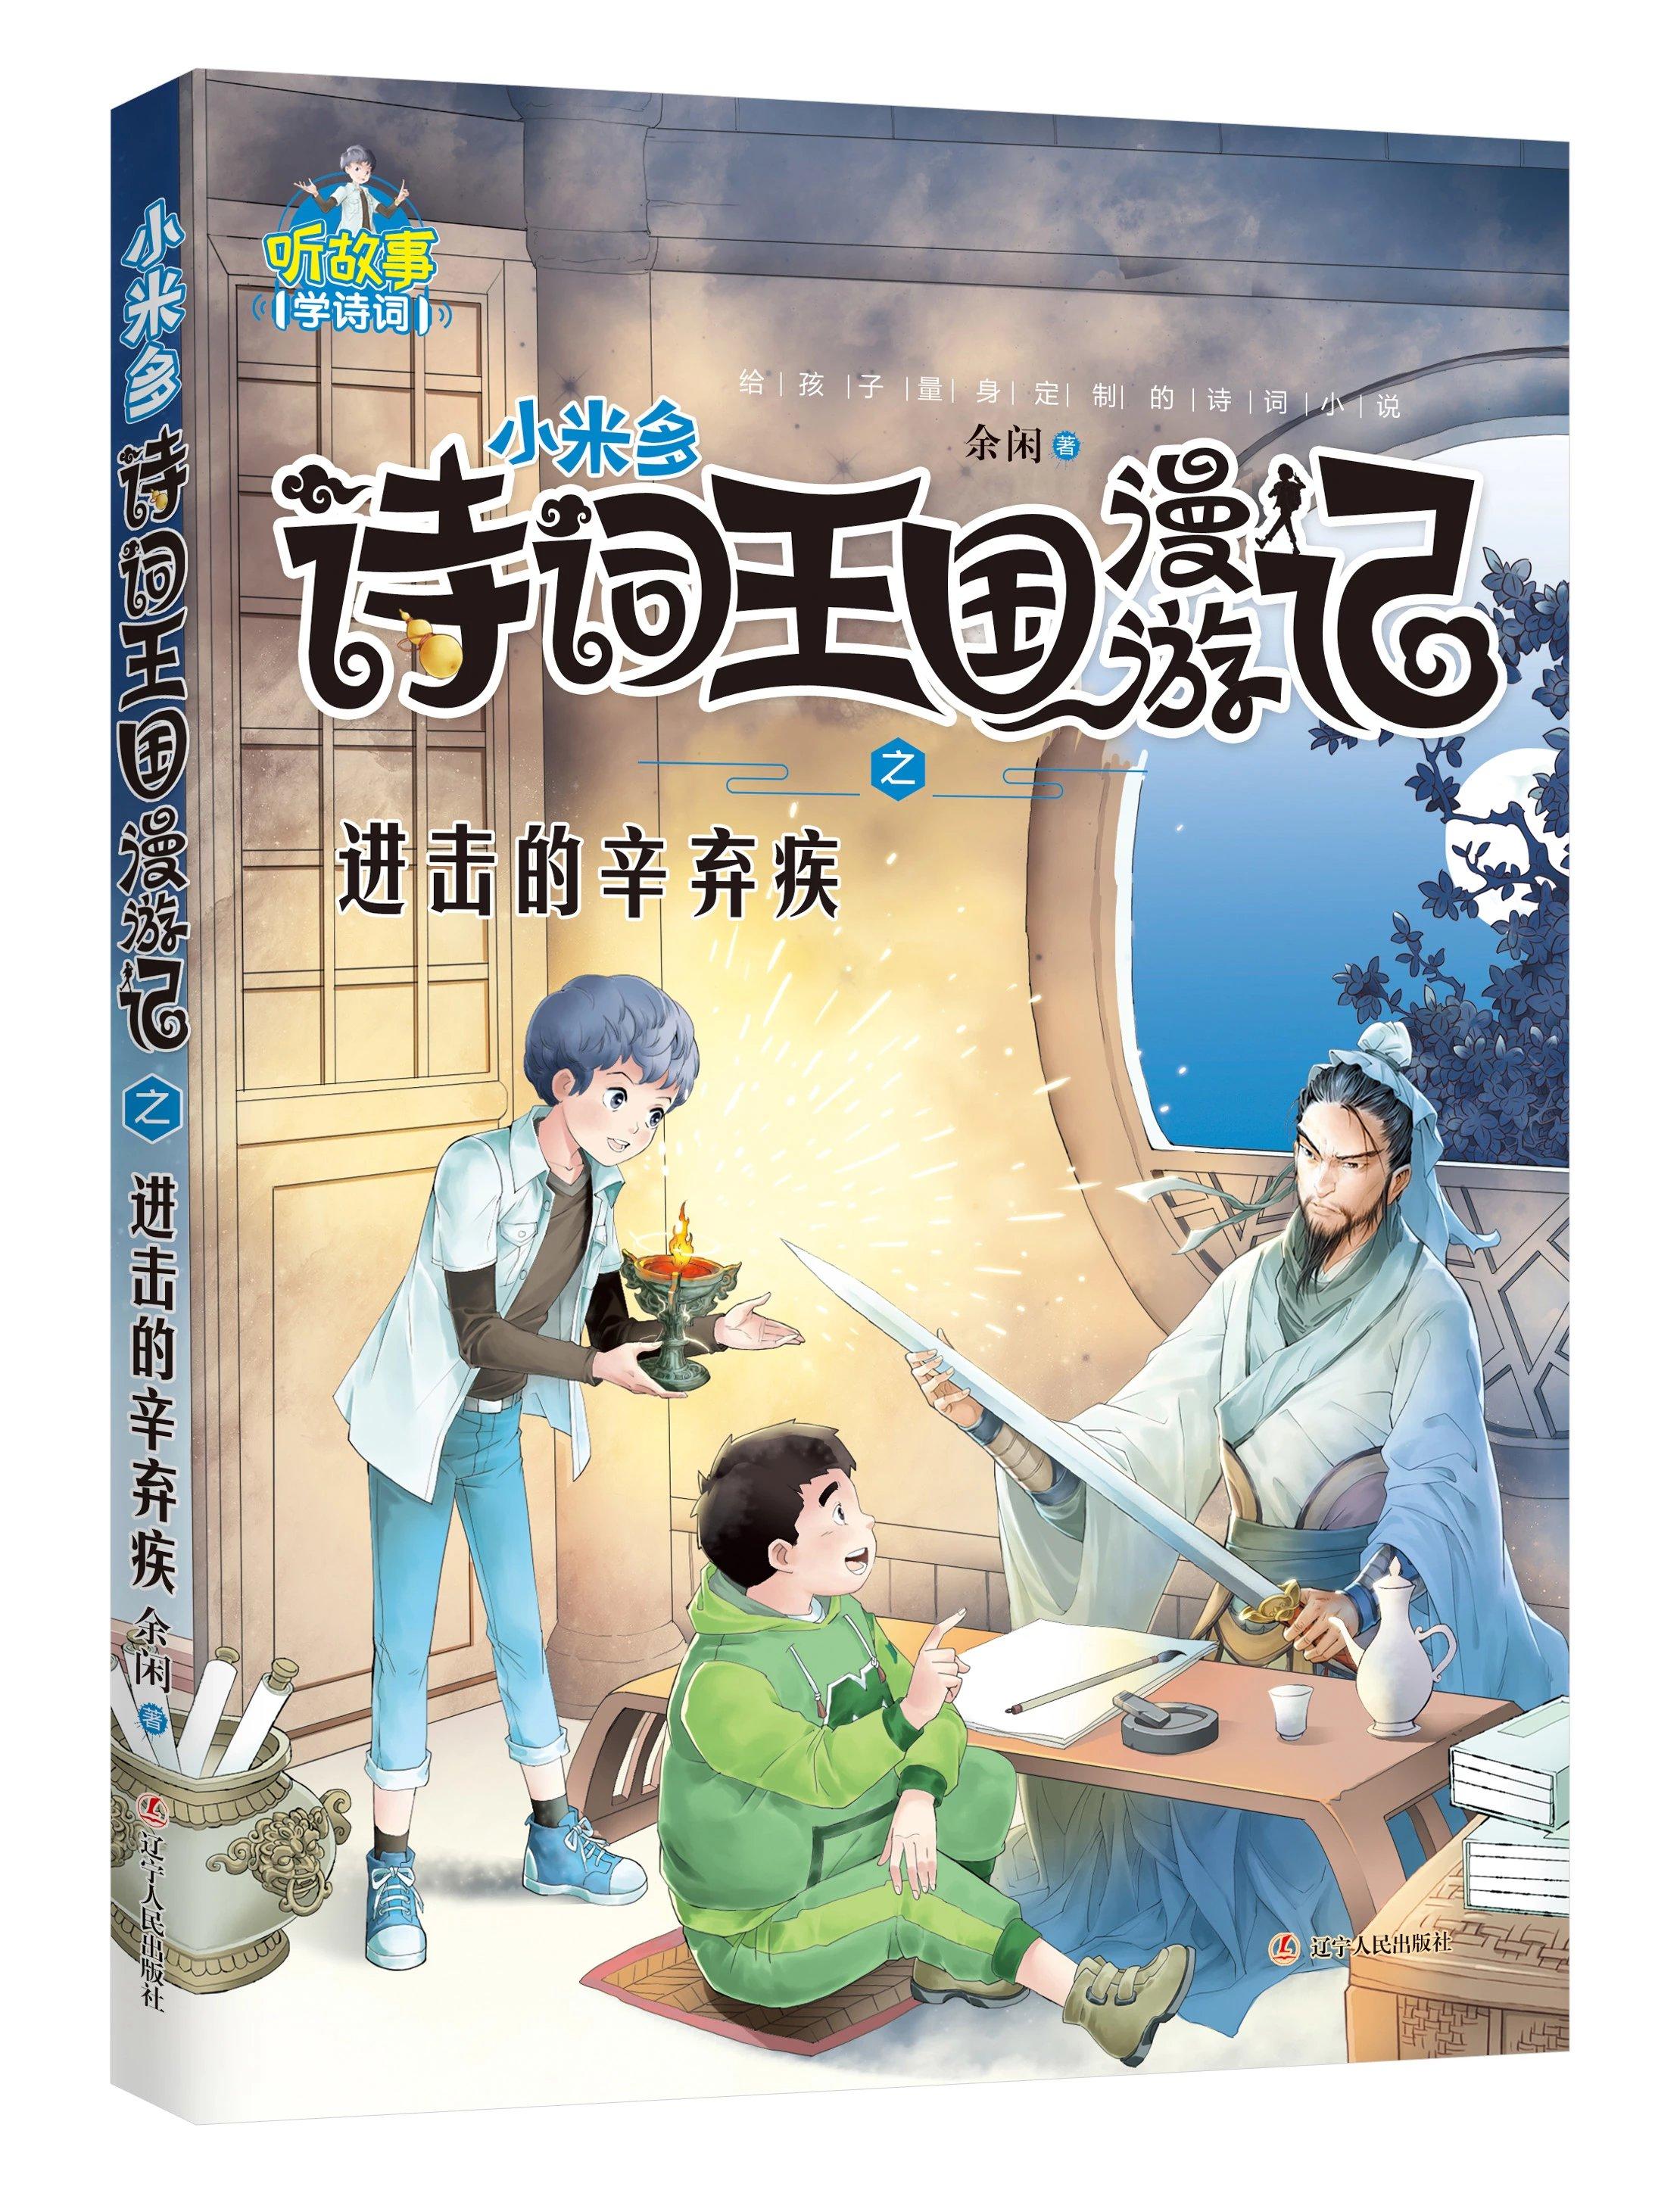 《小米多诗词王国漫游记》(共5册) 国内首部诗词儿童小说 适合6~13岁(3+可亲子阅读) 商品图3